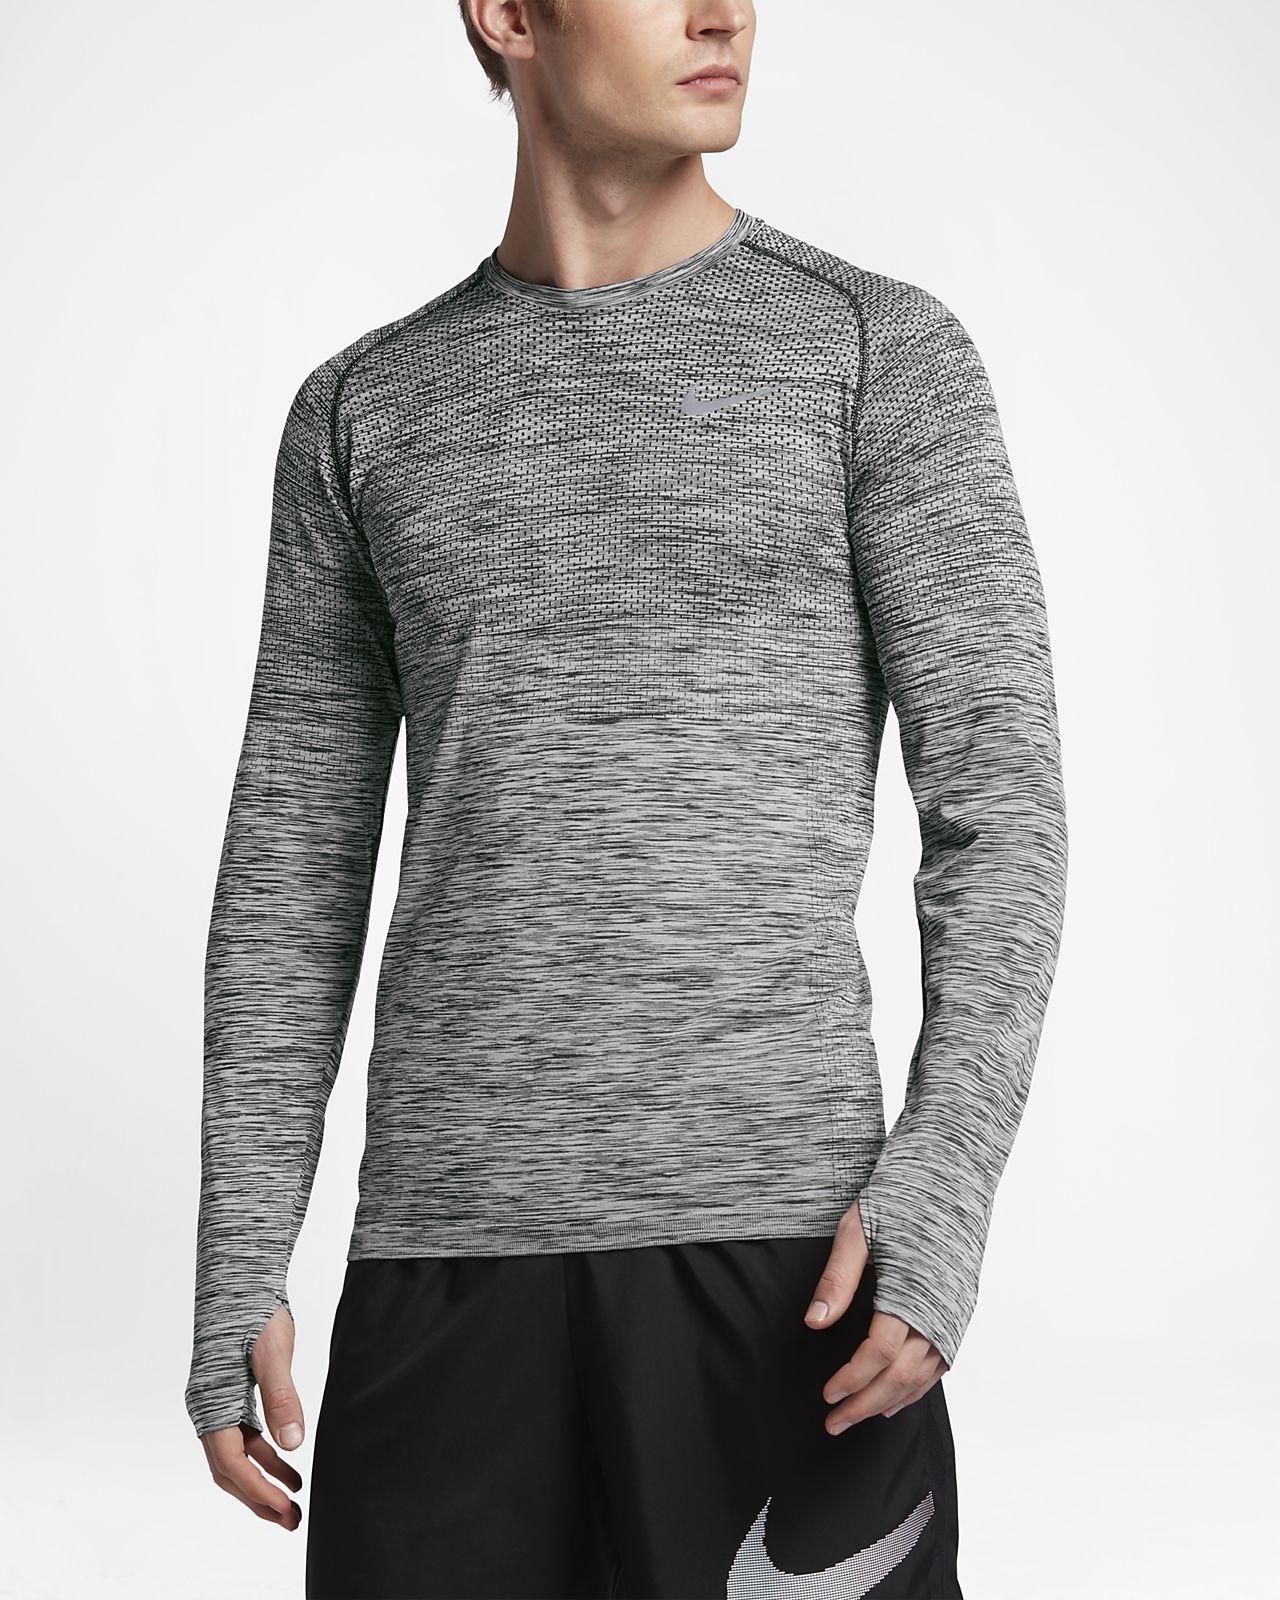 nike fitness herren shirt langarm